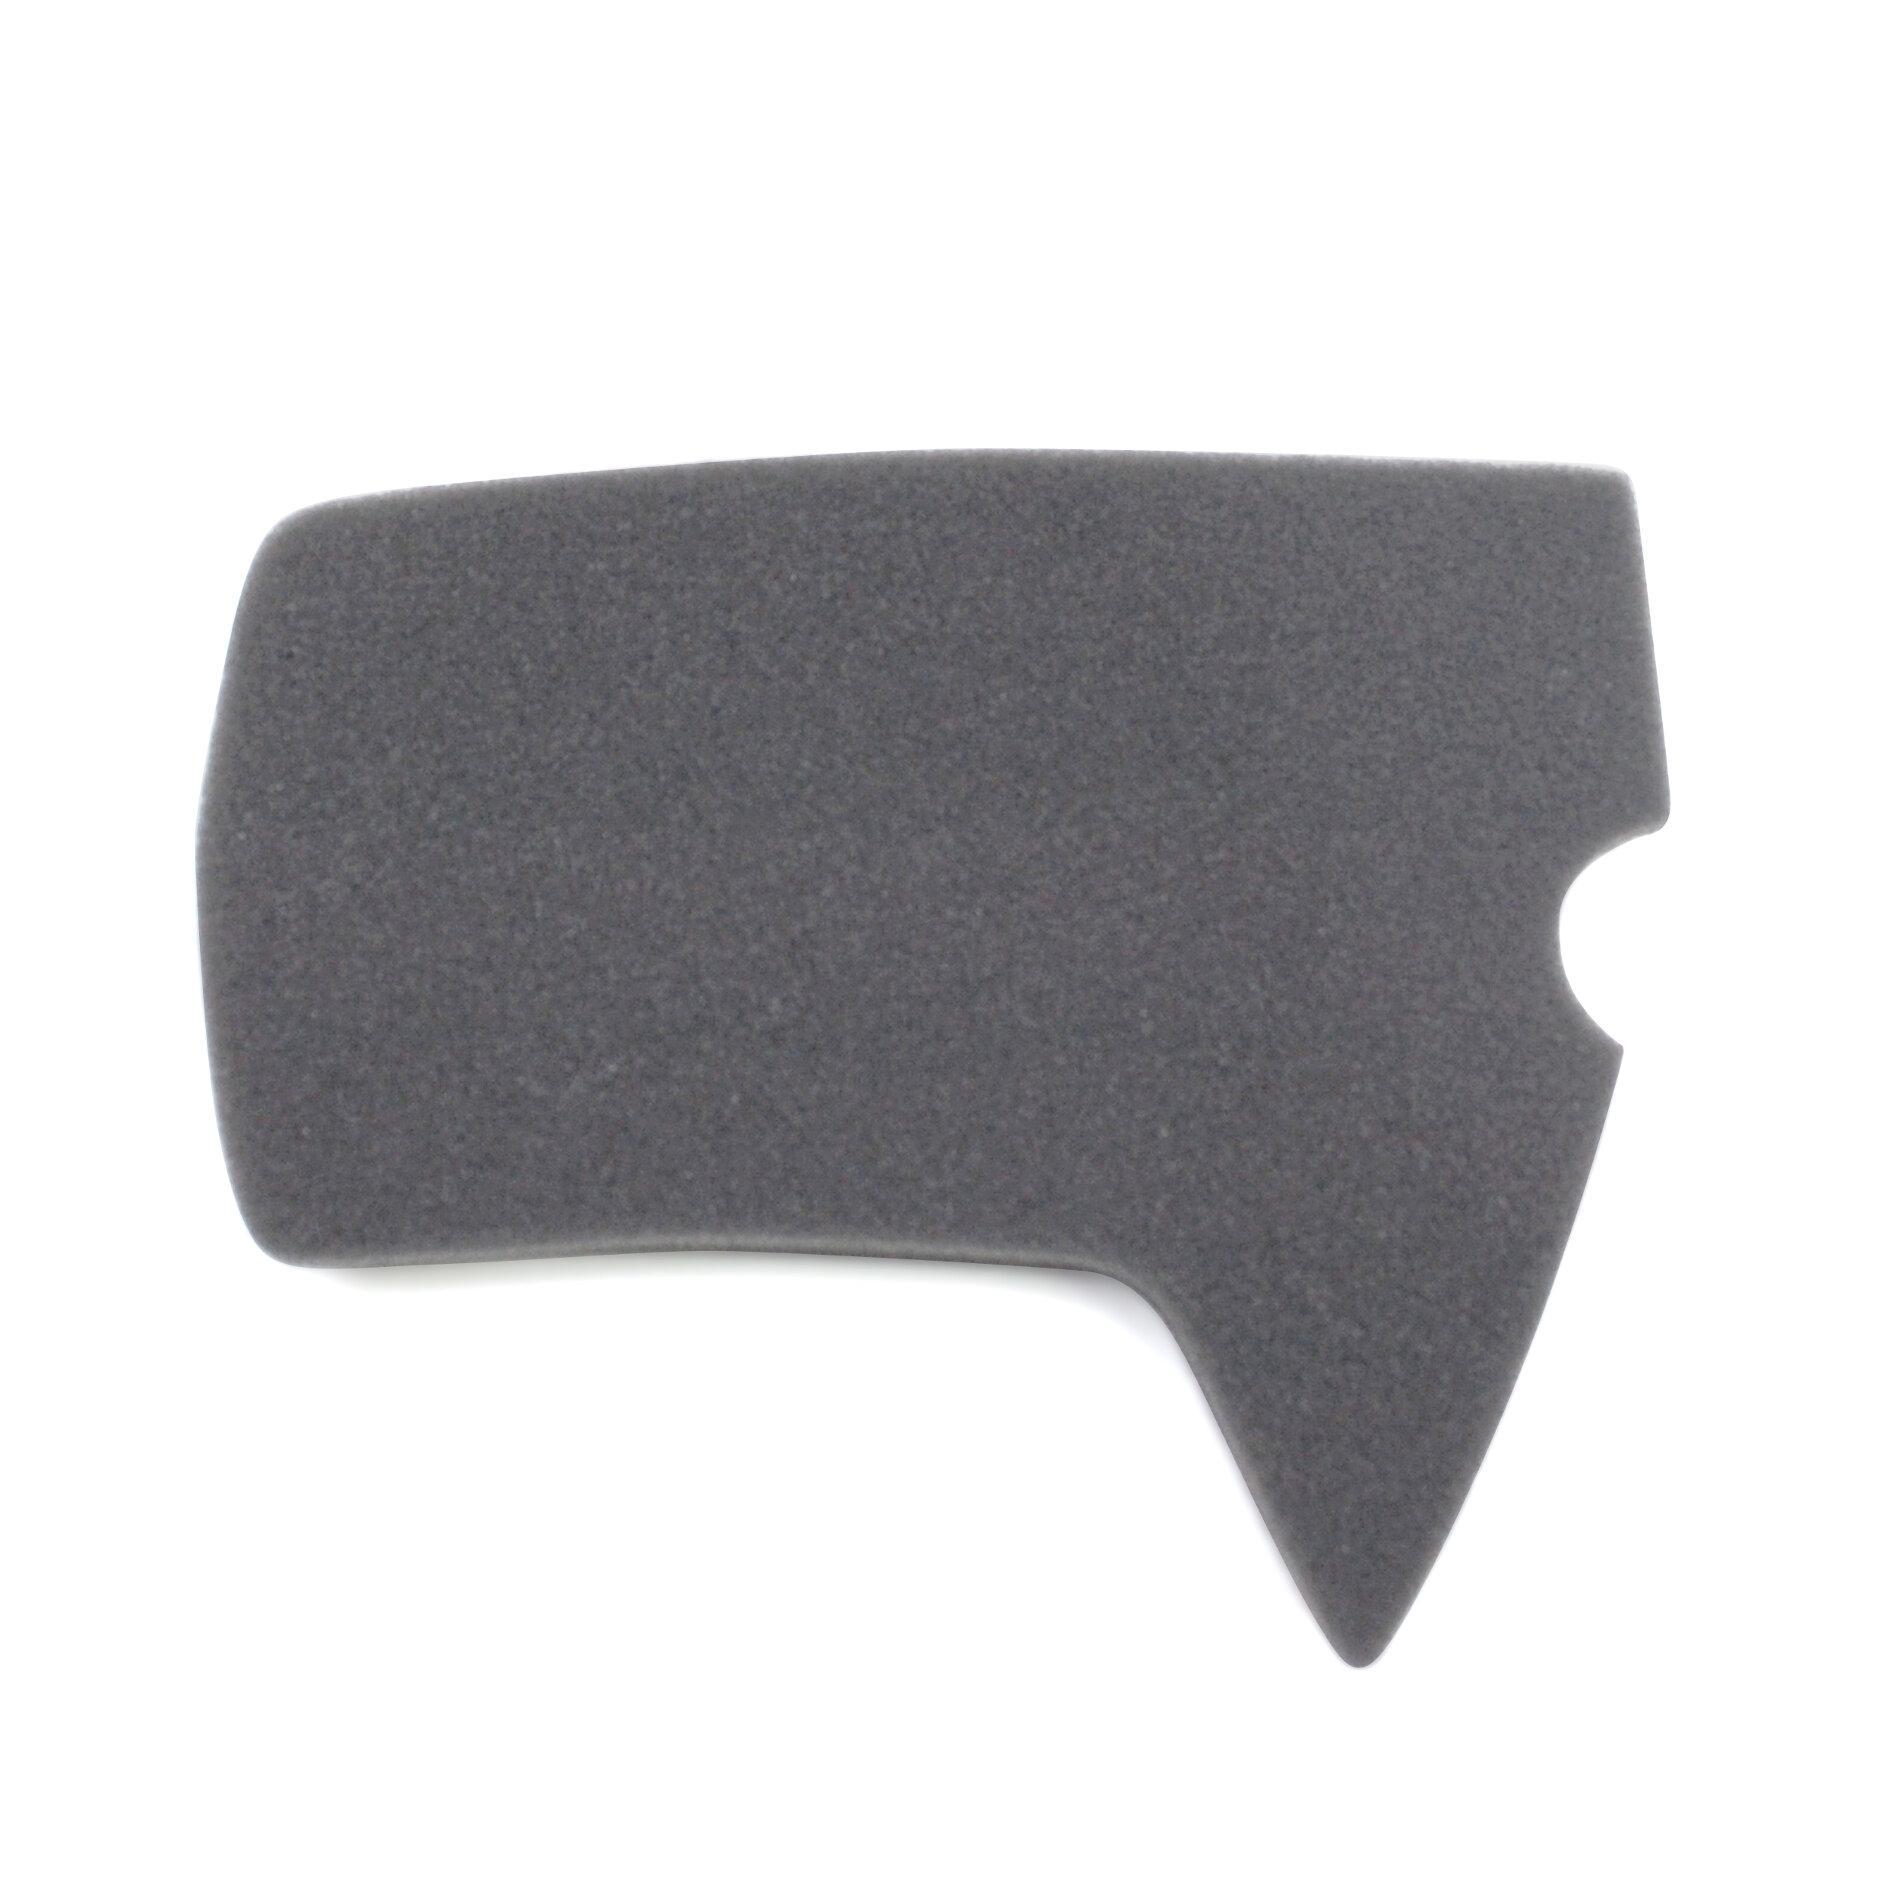 Mousse de filtre à air Ludix noire